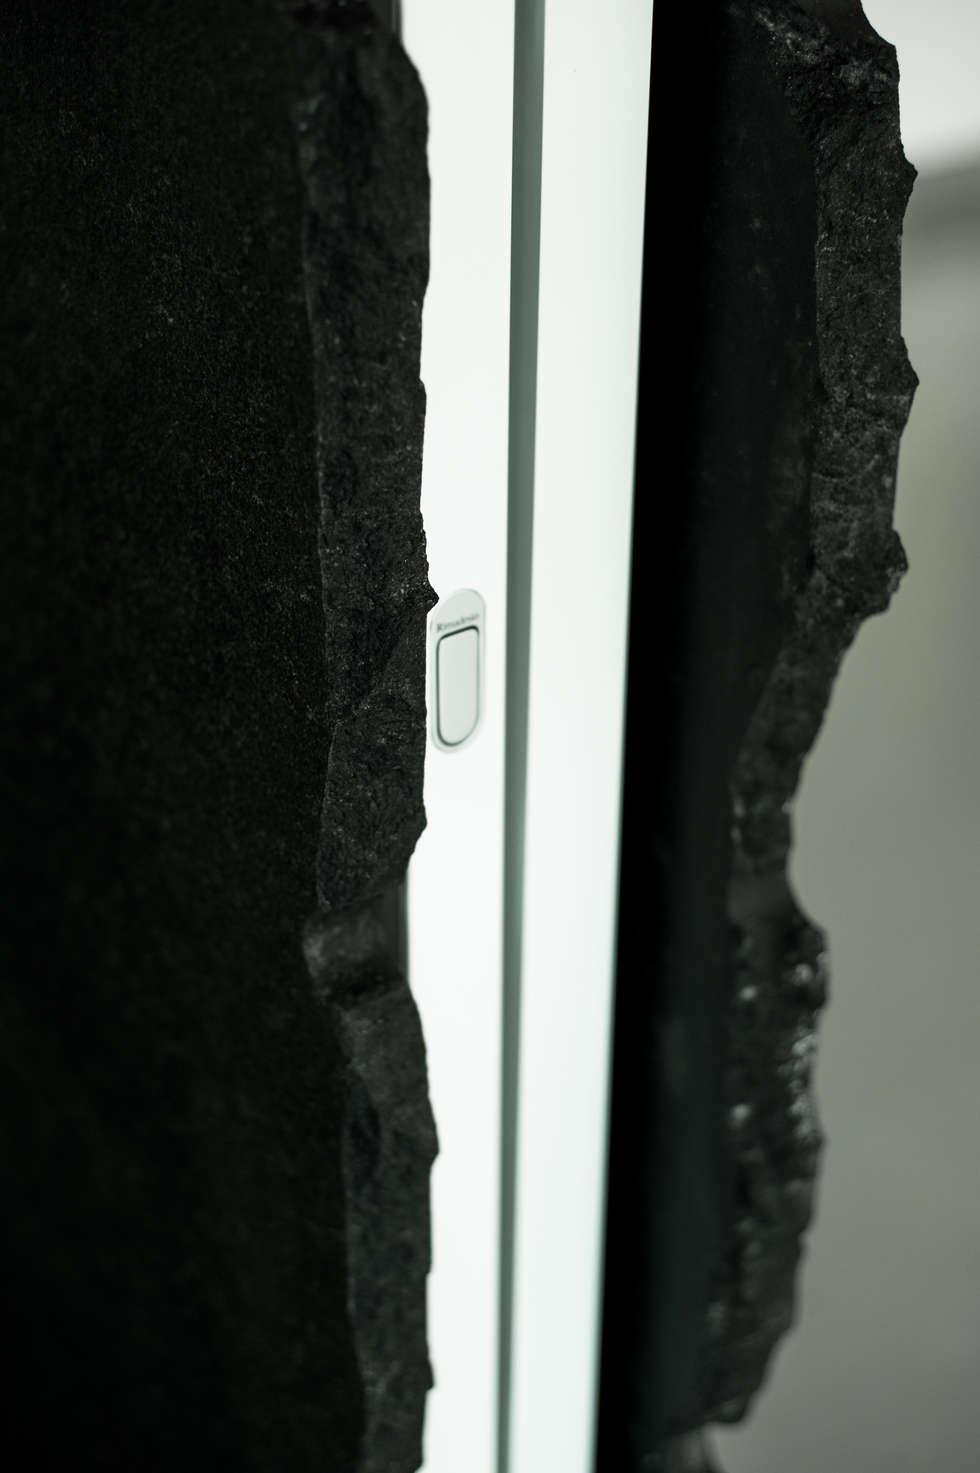 Porte Scorrevoli di Design-Particolare: Finestre in stile  di Dima snc di Maiocchi Dario e c.